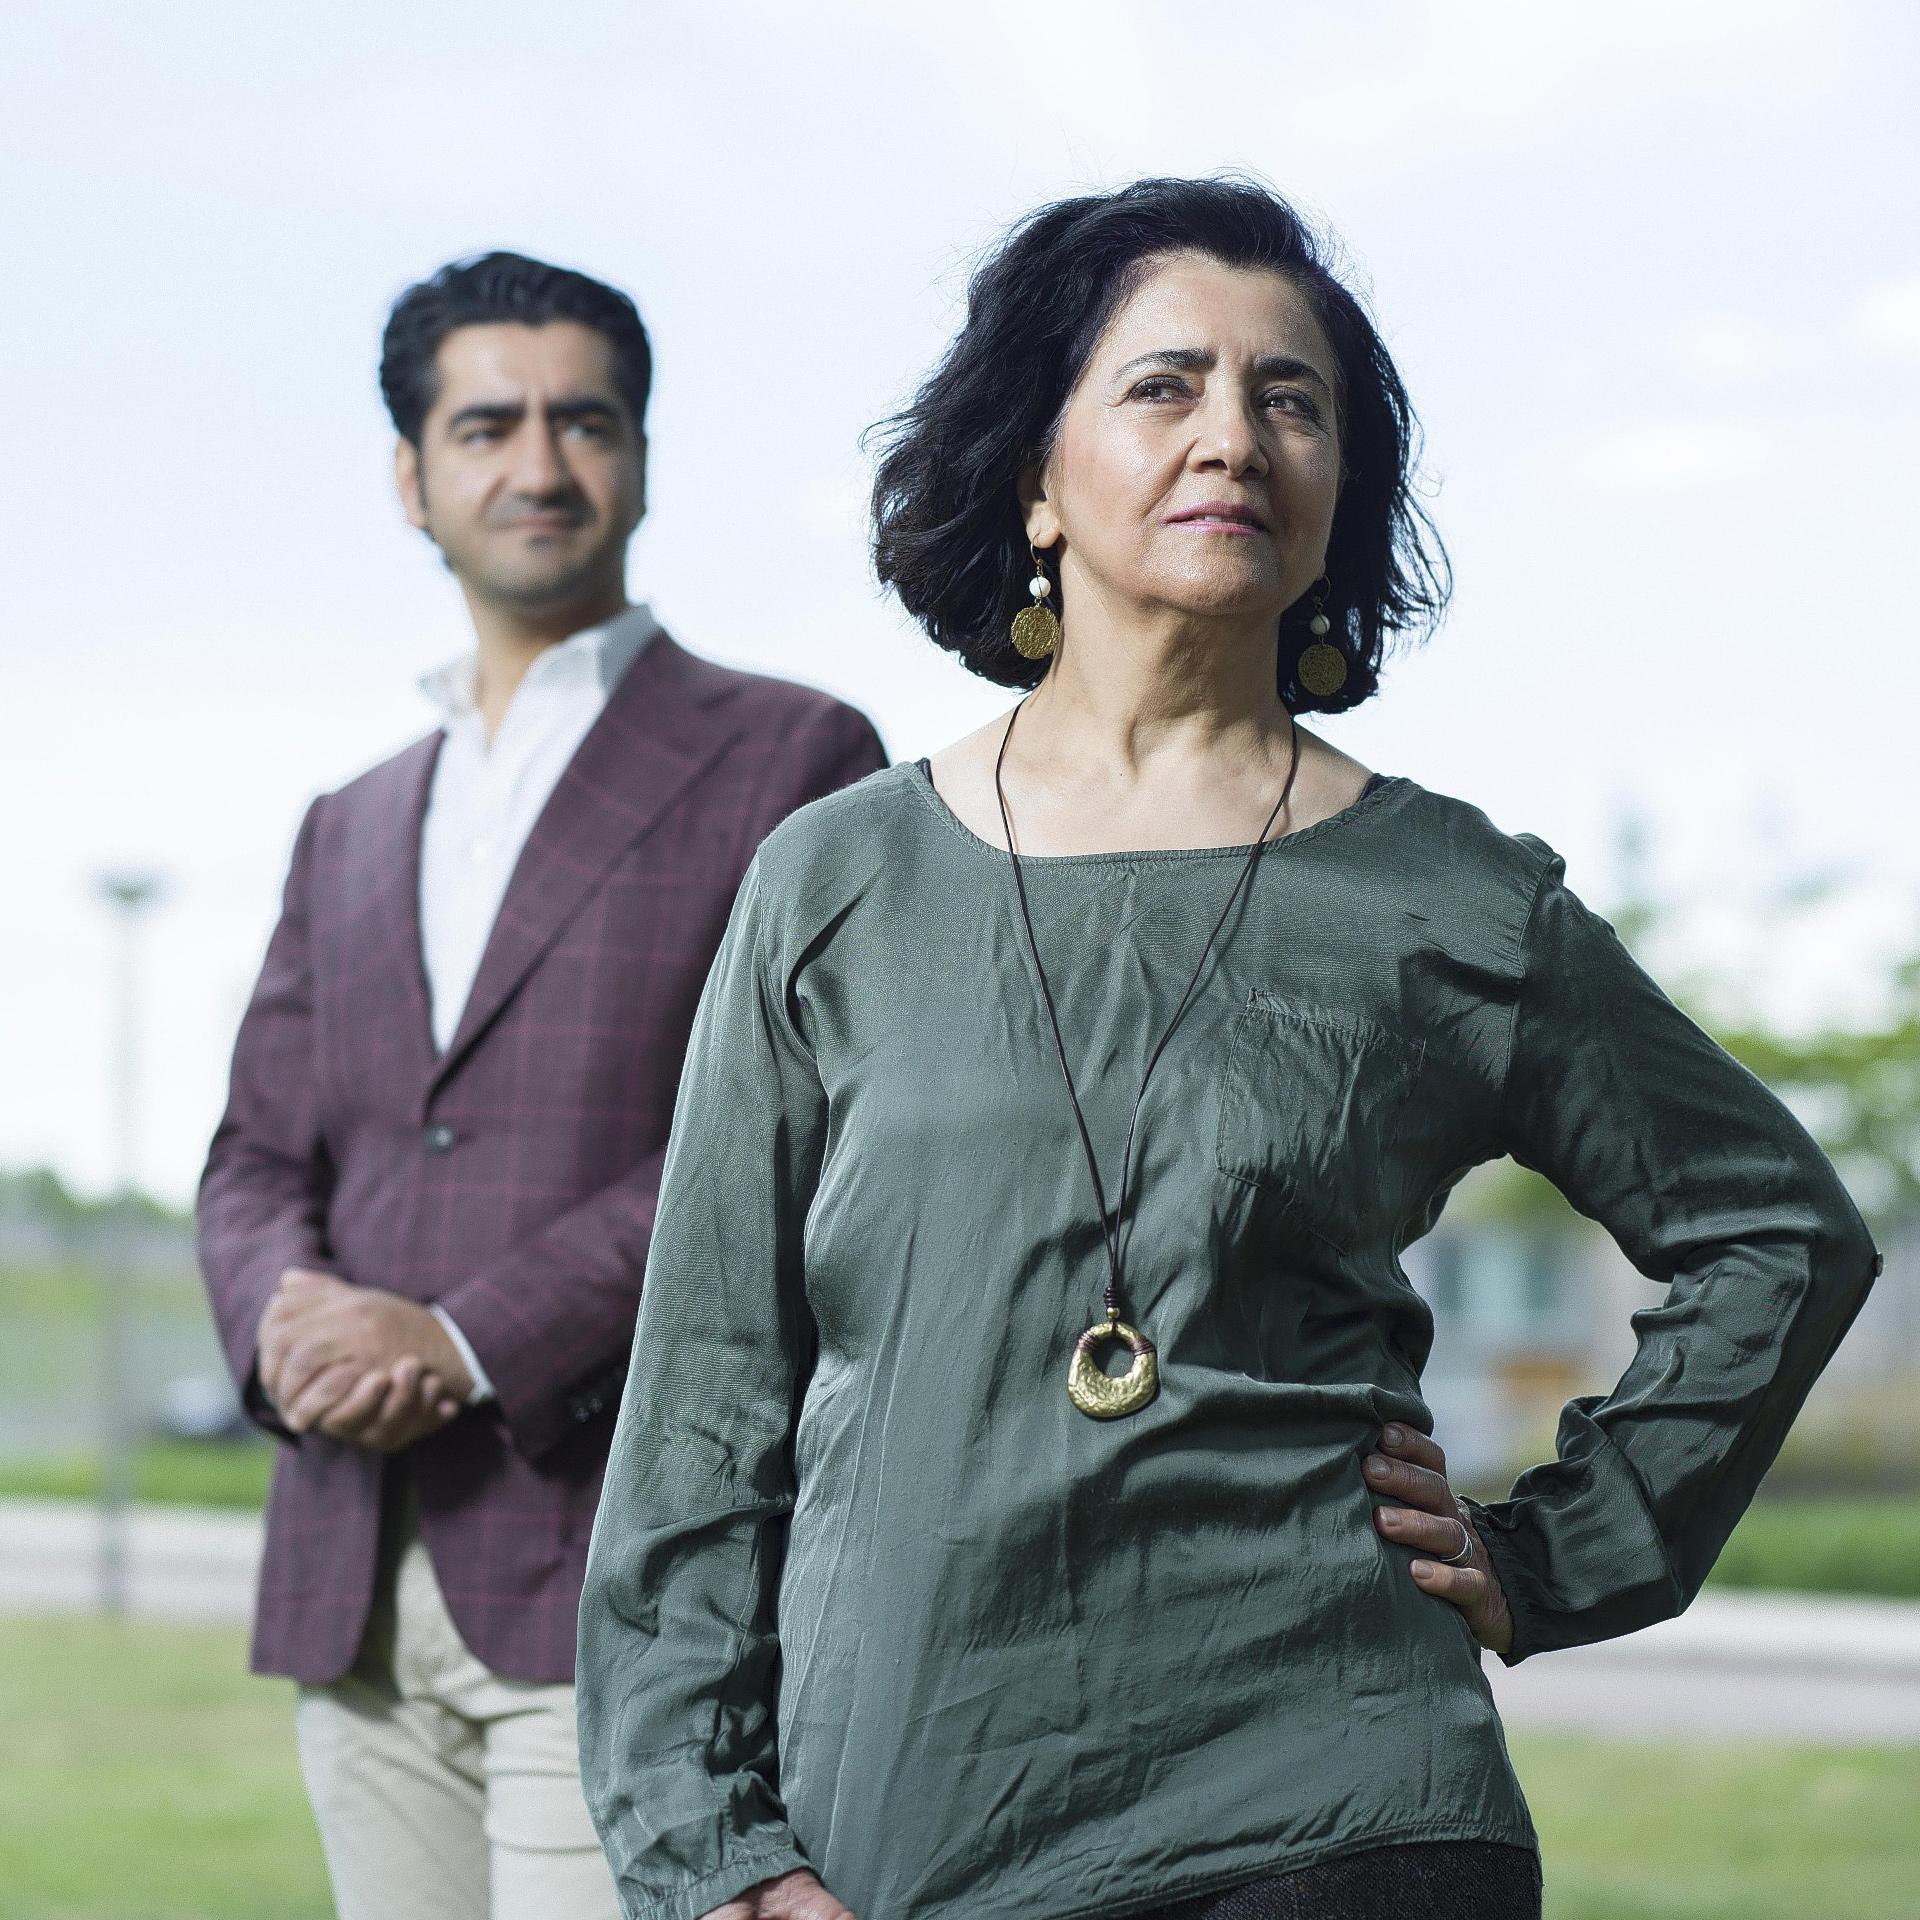 Murat Isik en Aynur Tarhan. Fotografie Merlijn Doomernik.